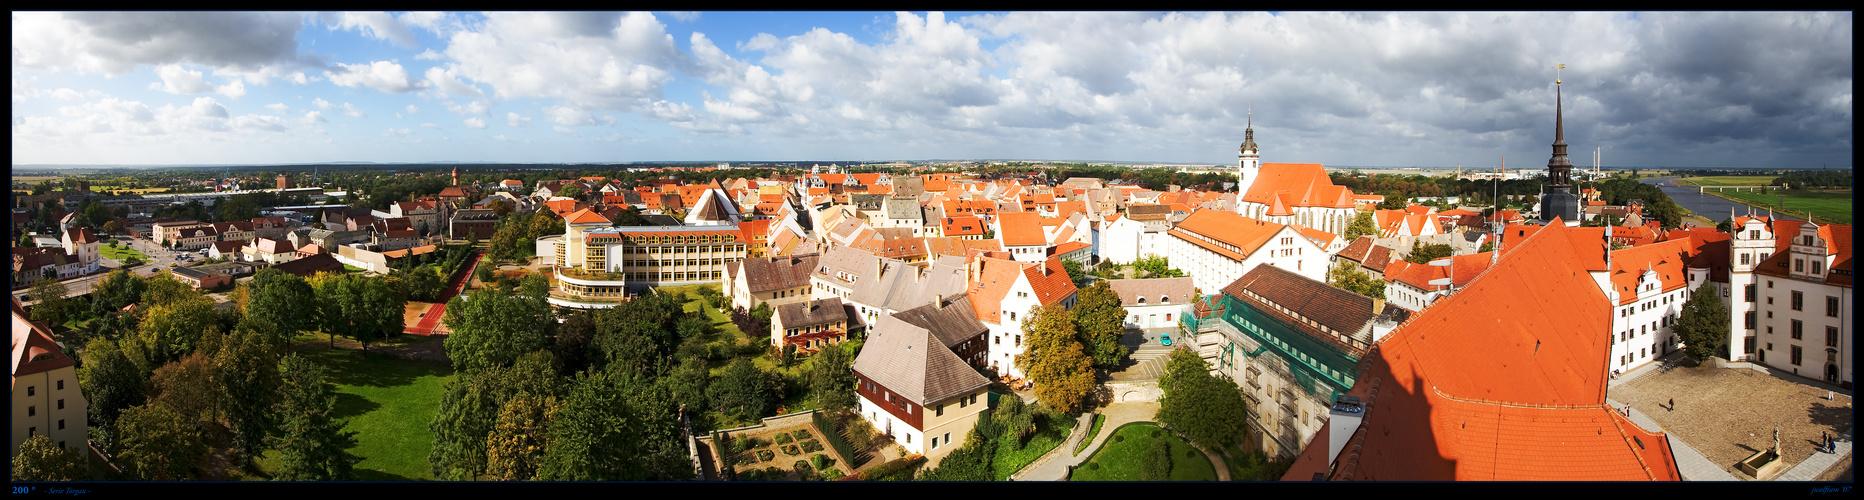 Torgau - Draufsicht